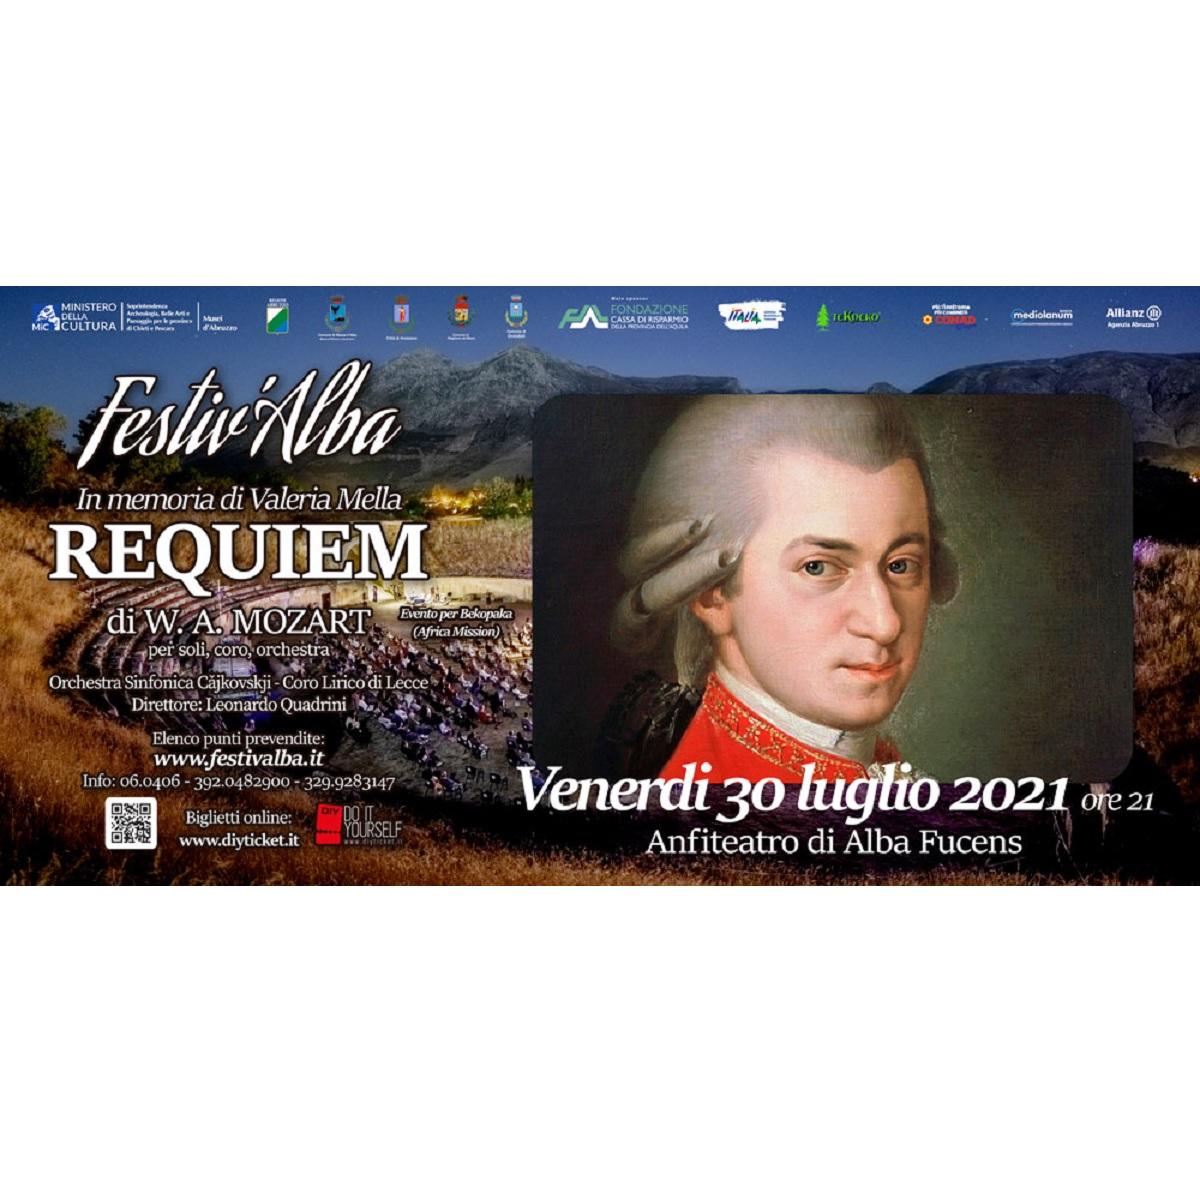 Requiem di W. A. Mozart ad Alba Fucens 30 luglio 2021 foto